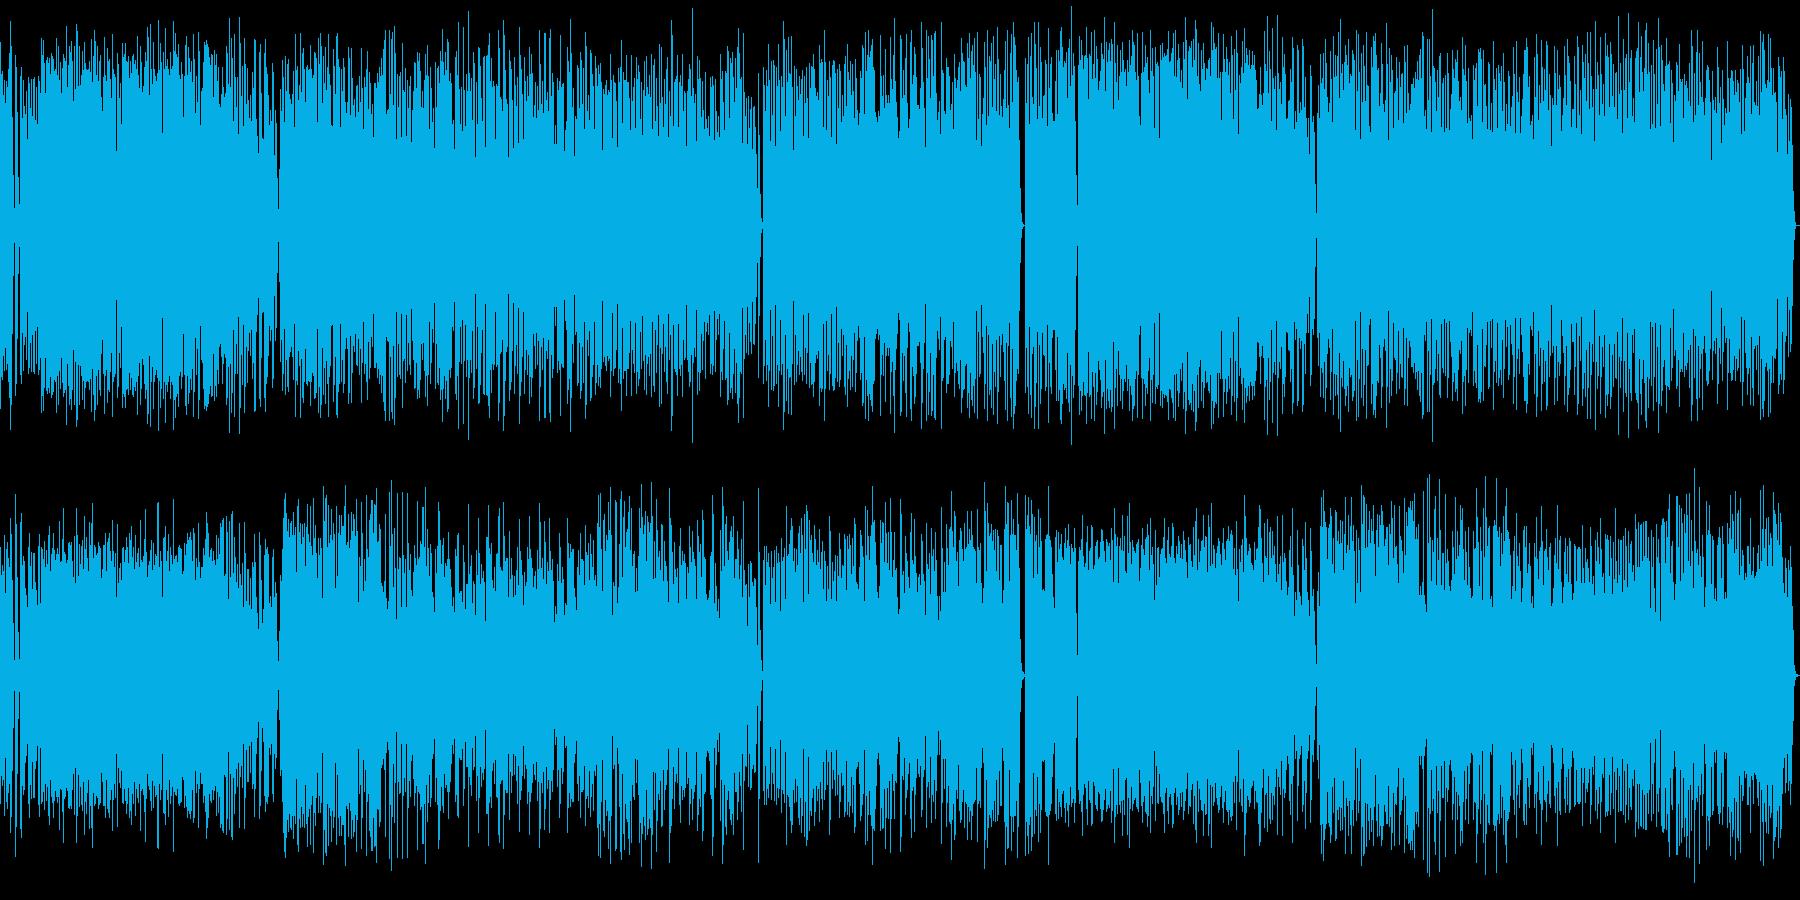 短調のラグタイムピアノ曲 の再生済みの波形